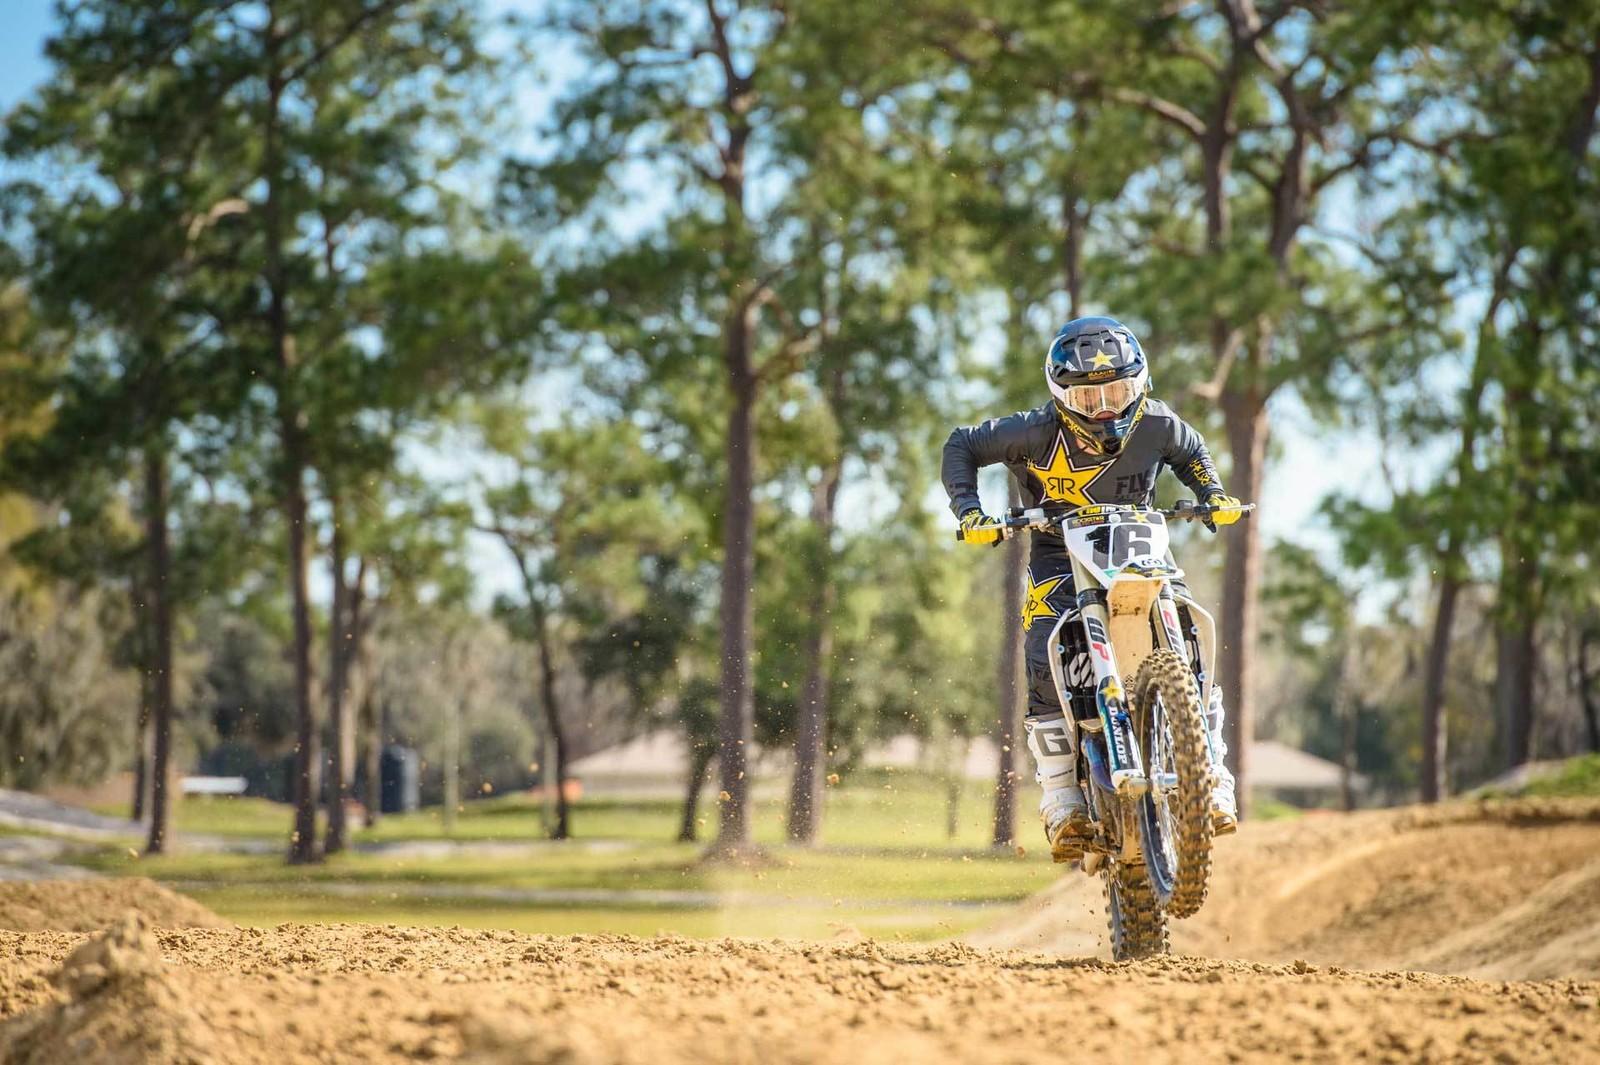 Zach Osborne, 2019.5 Kinetic Mesh Rockstar Racewear